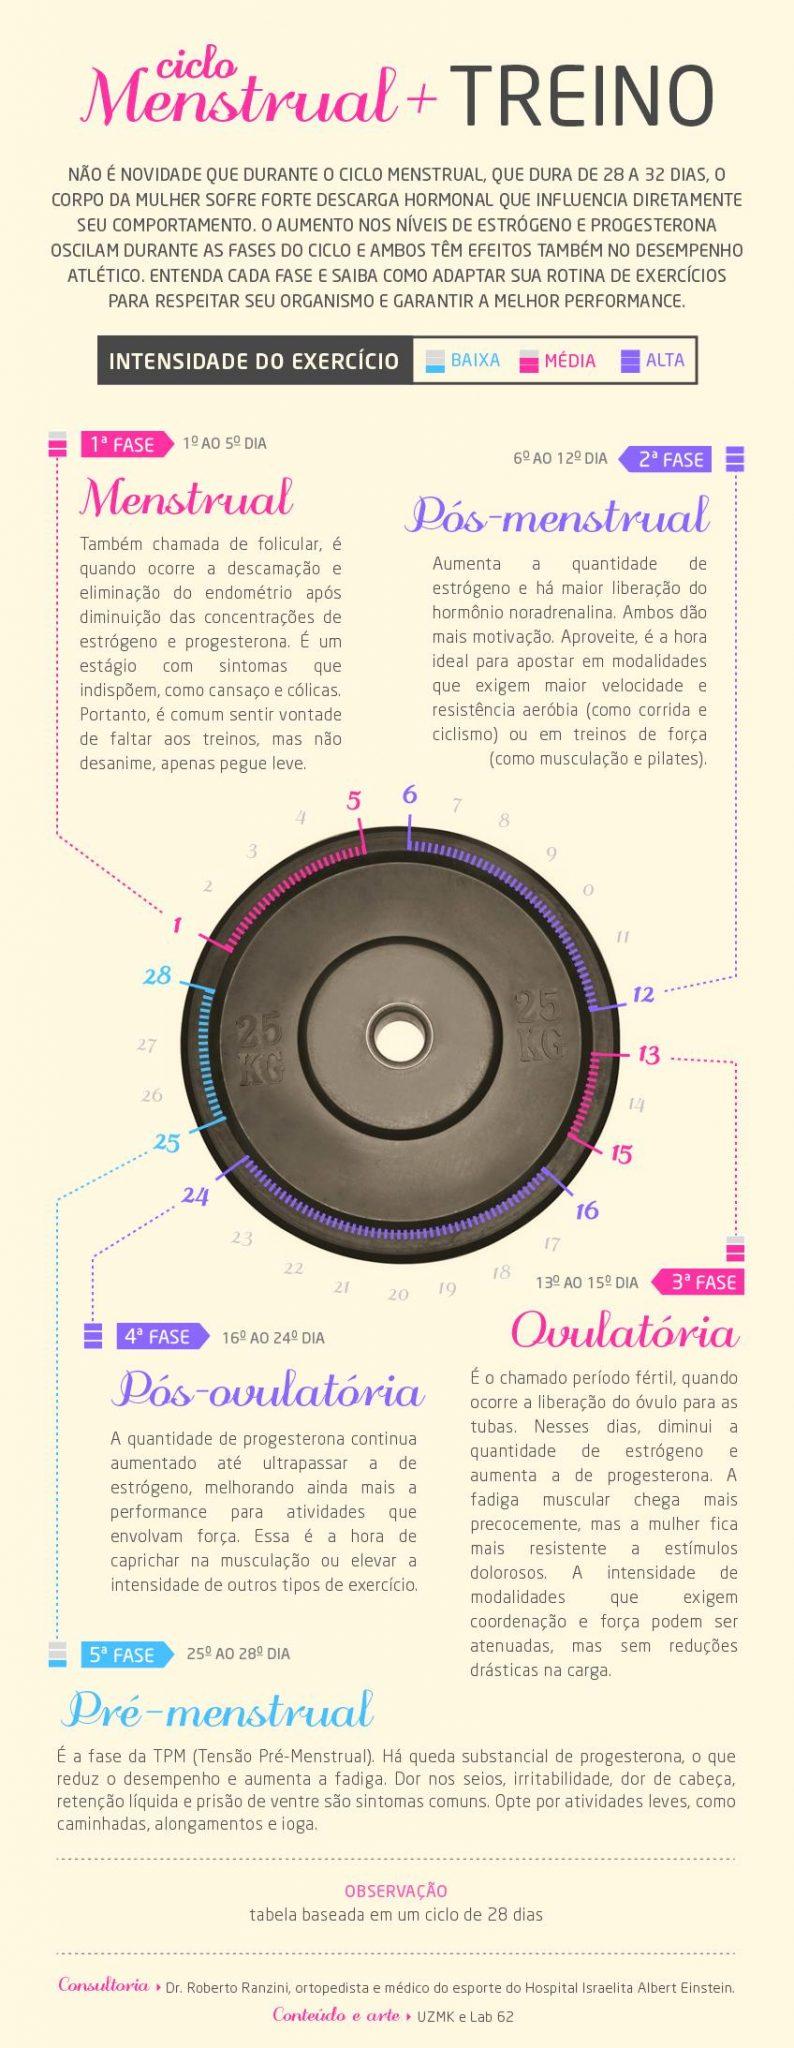 Infográfico Ciclo Menstrual e Treino